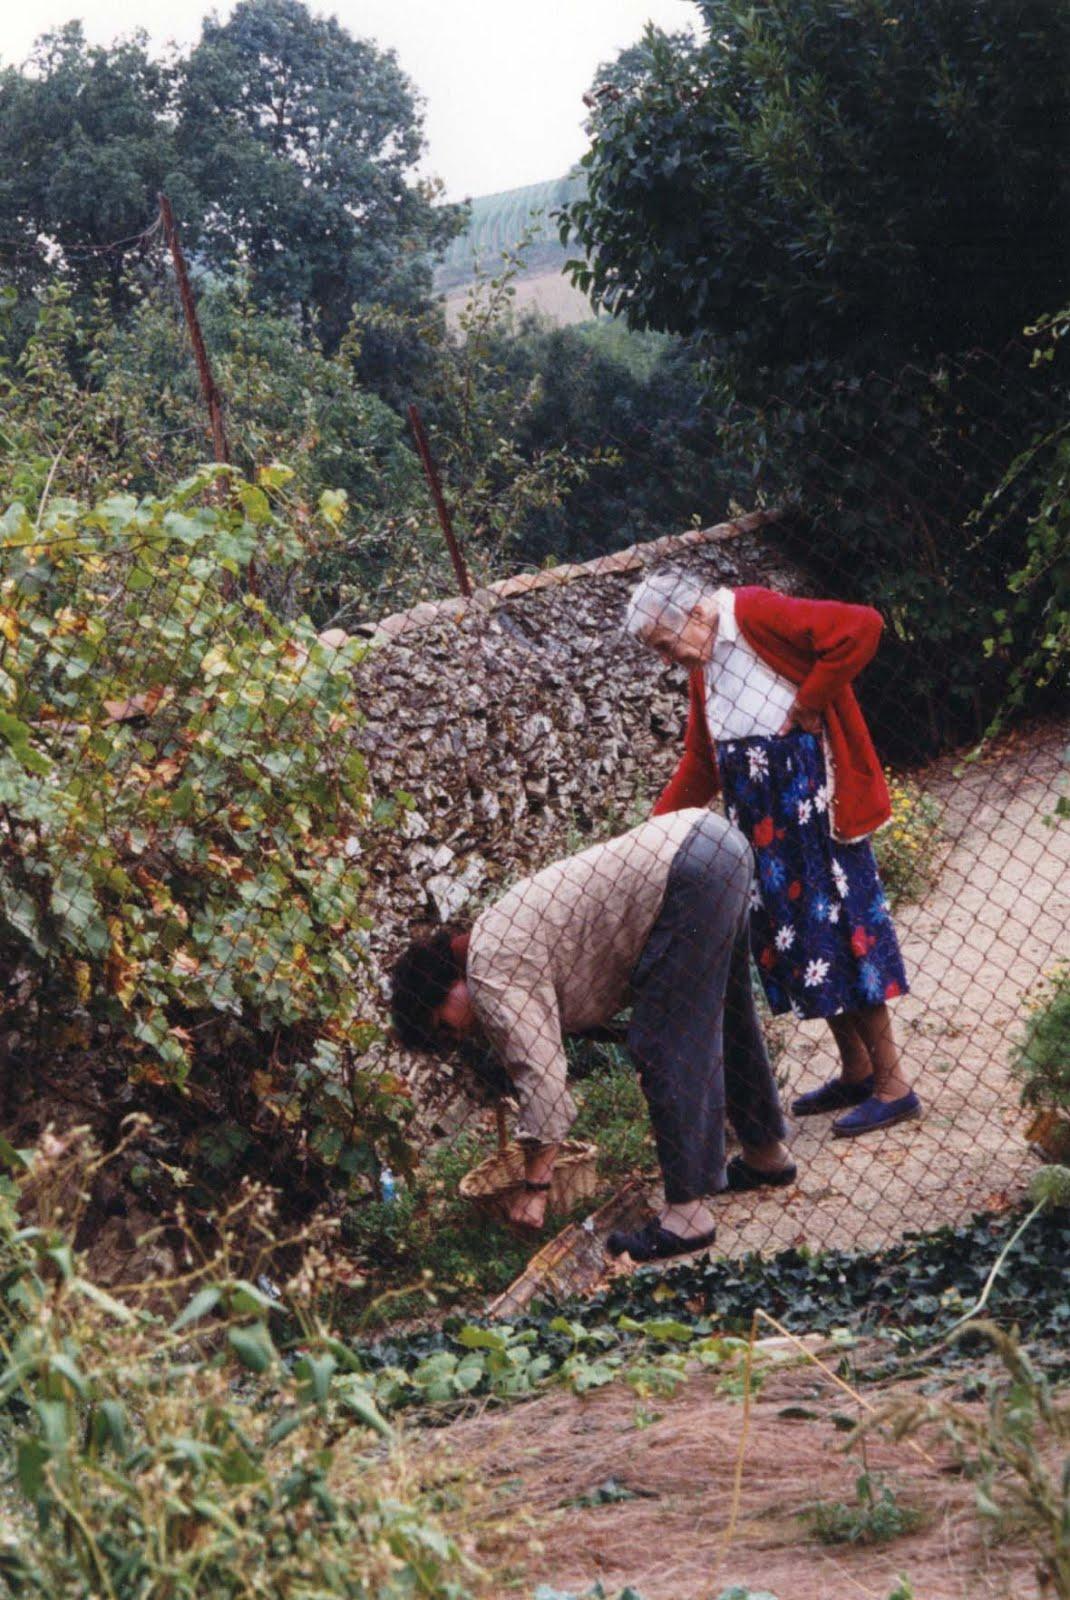 10 ans sans mfre dans le jardin de nueil - Mamie baise dans le jardin ...